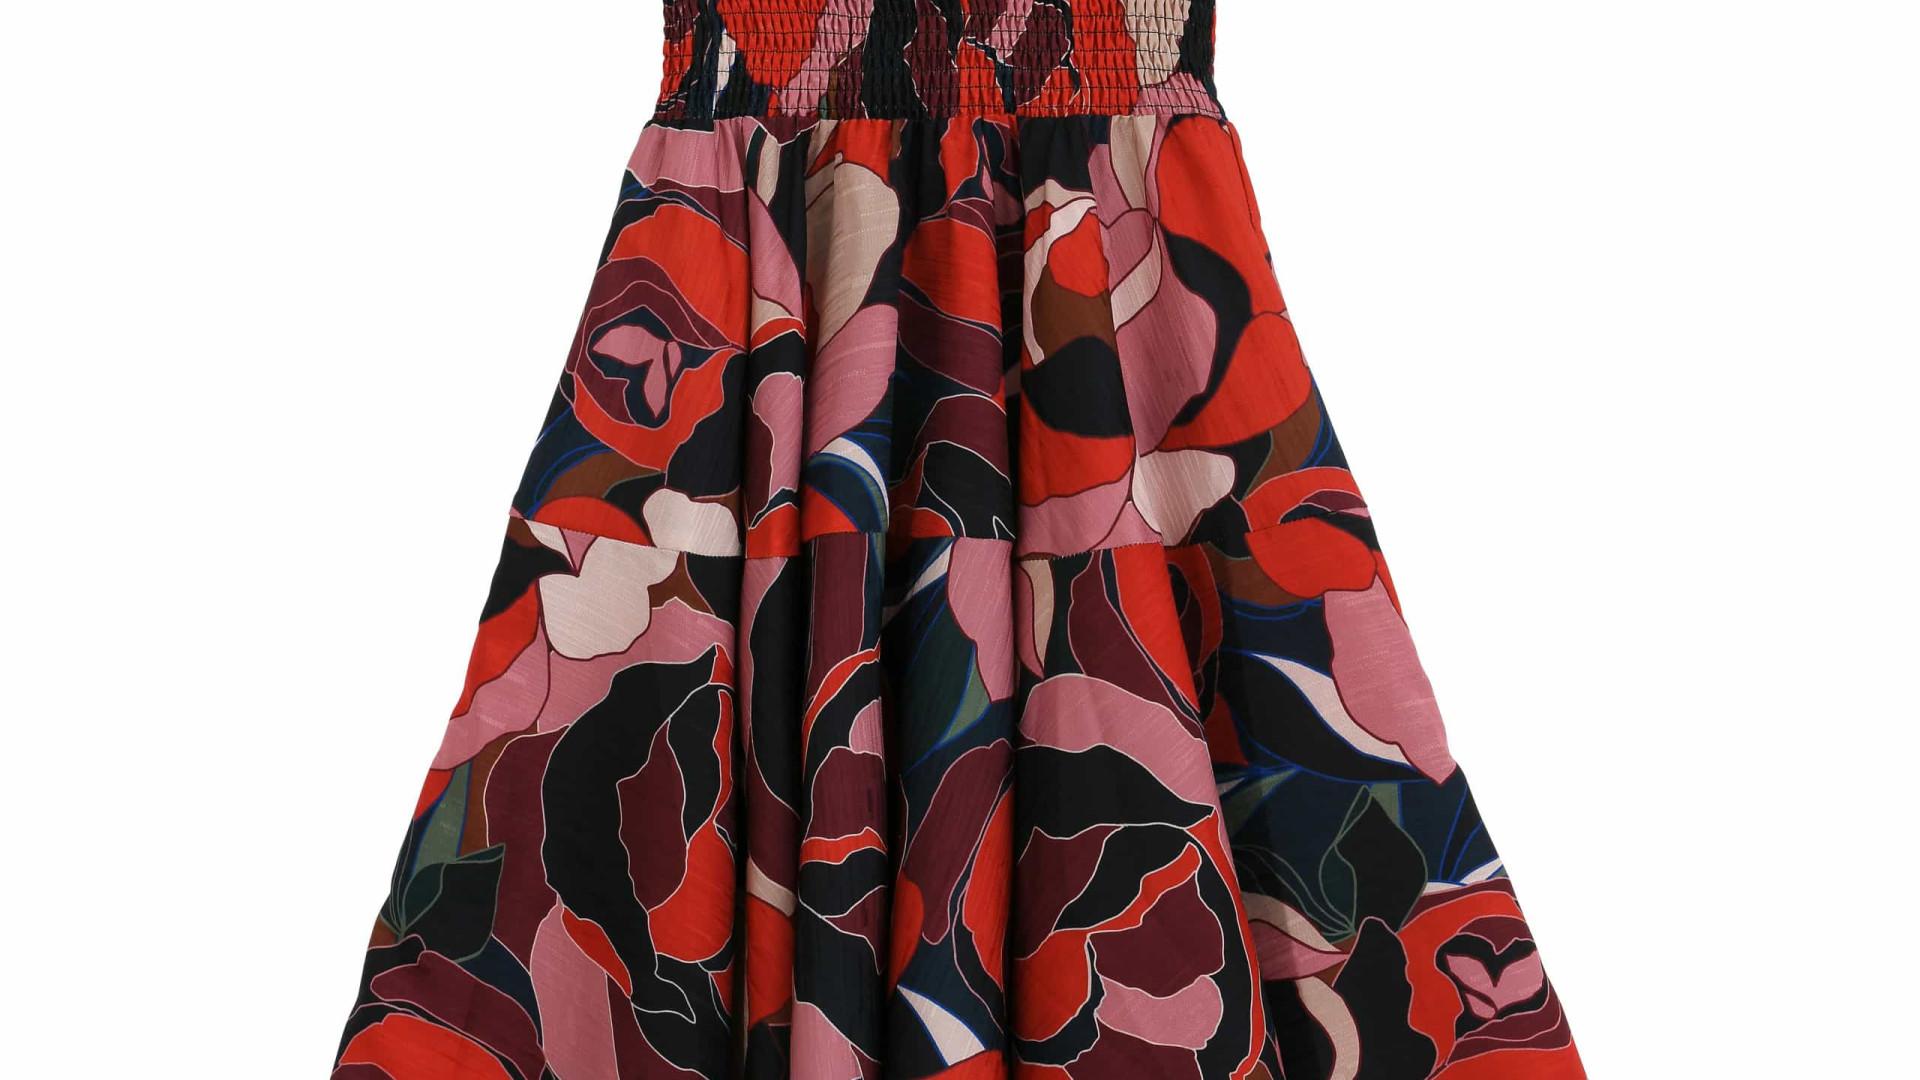 Lili Sidonio apresenta coleção com o padrão must-have deste verão